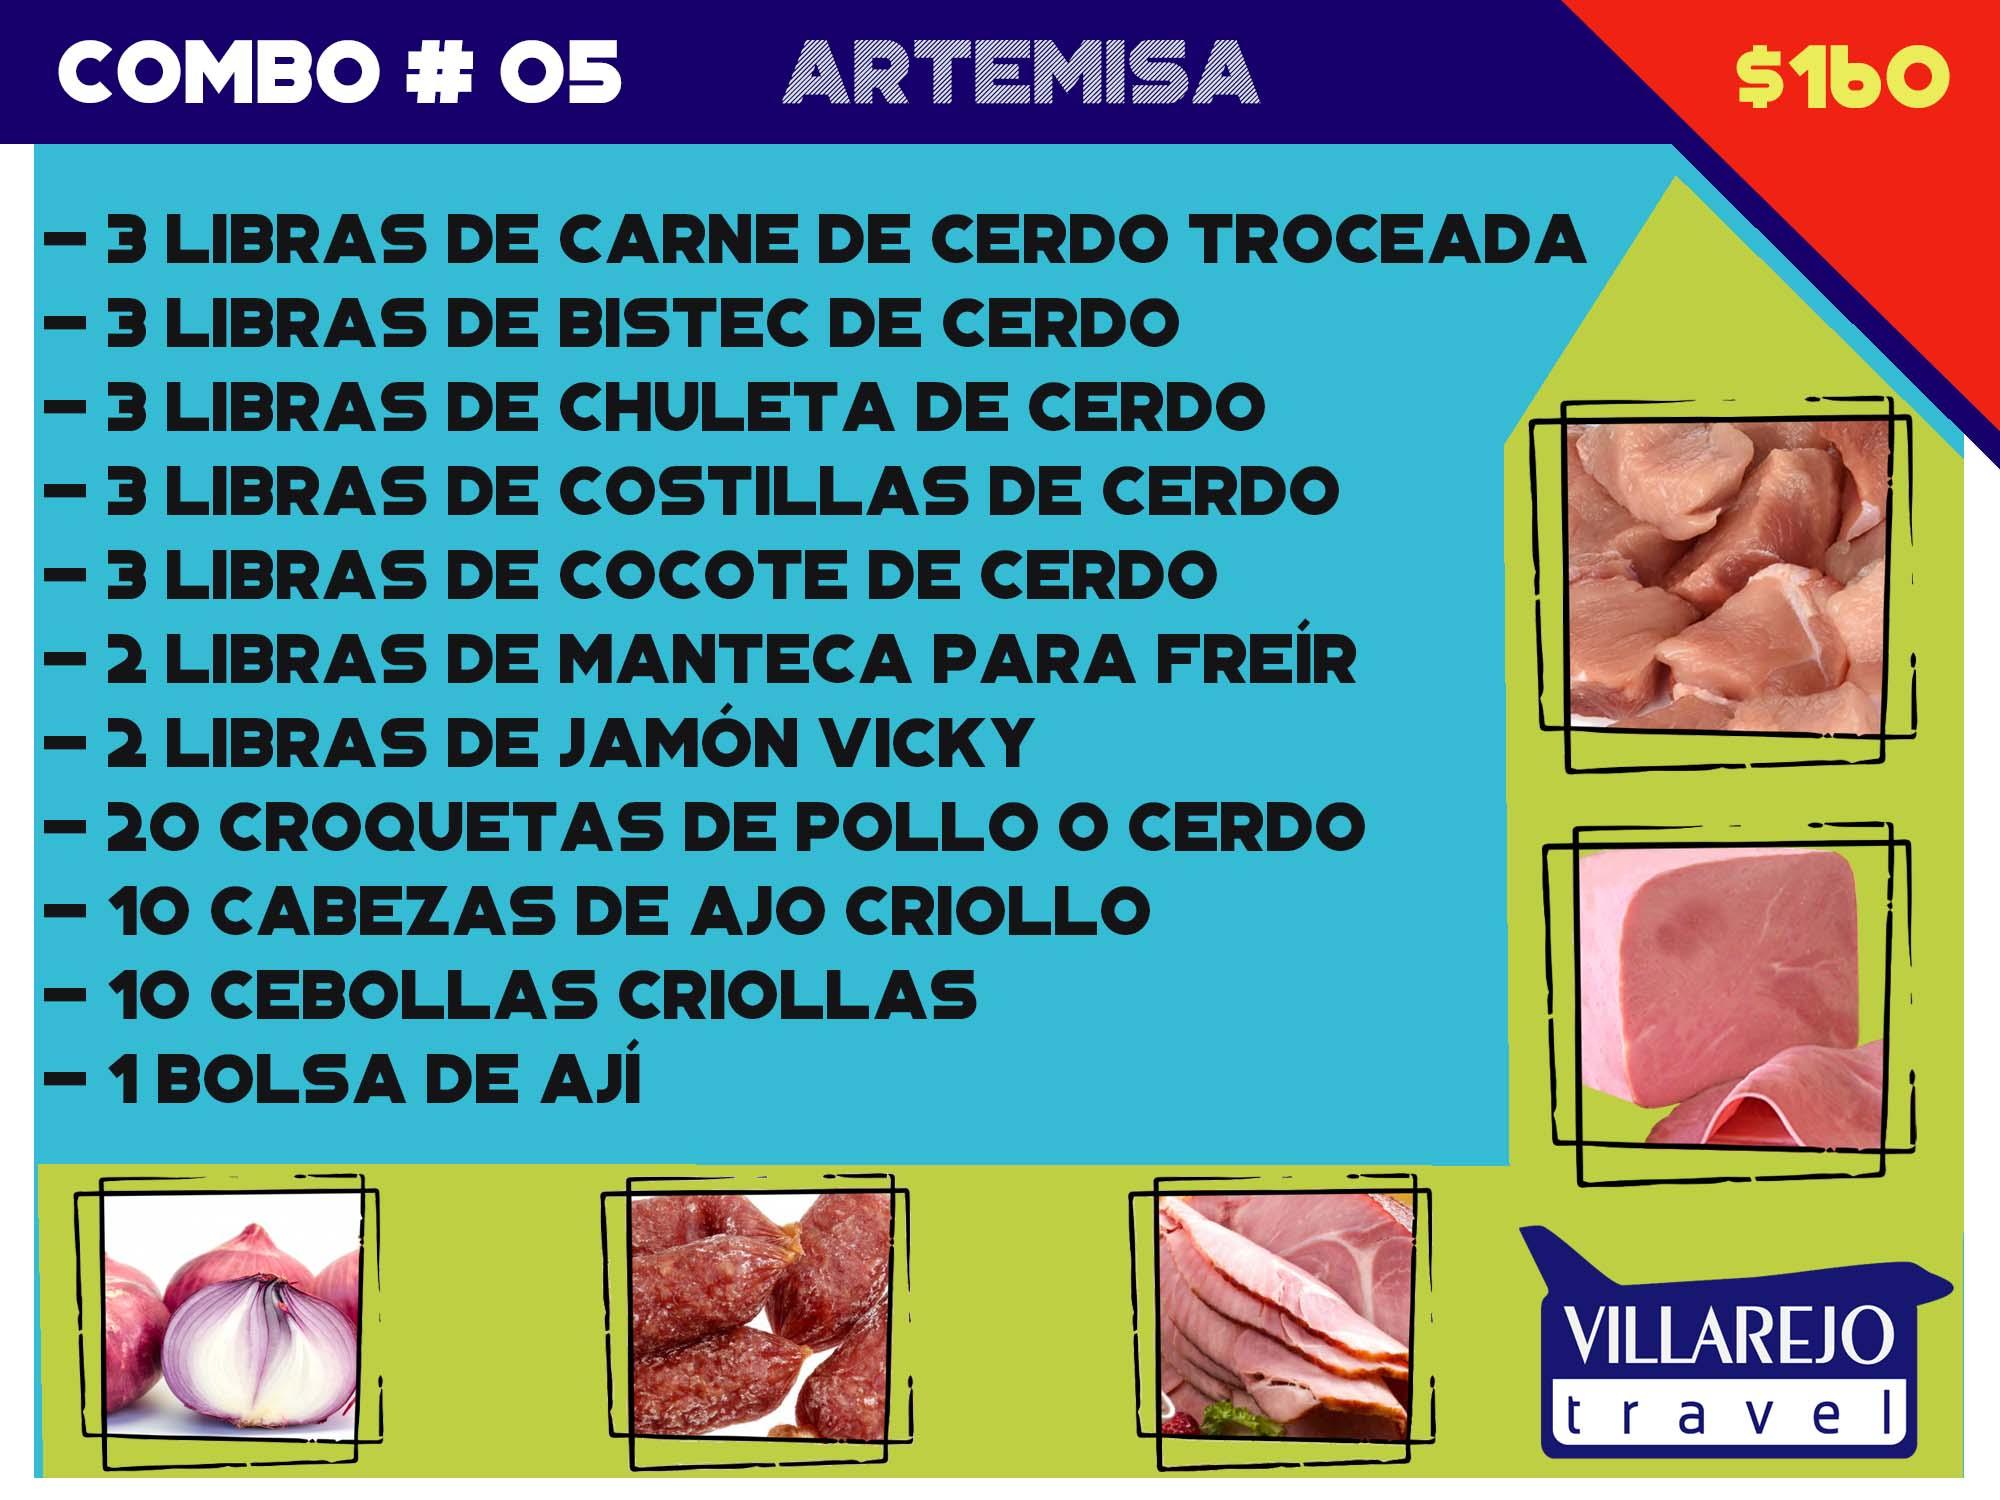 COMBO # 5 PARA LA PROVINCIA DE ARTEMISA  (cárnico)